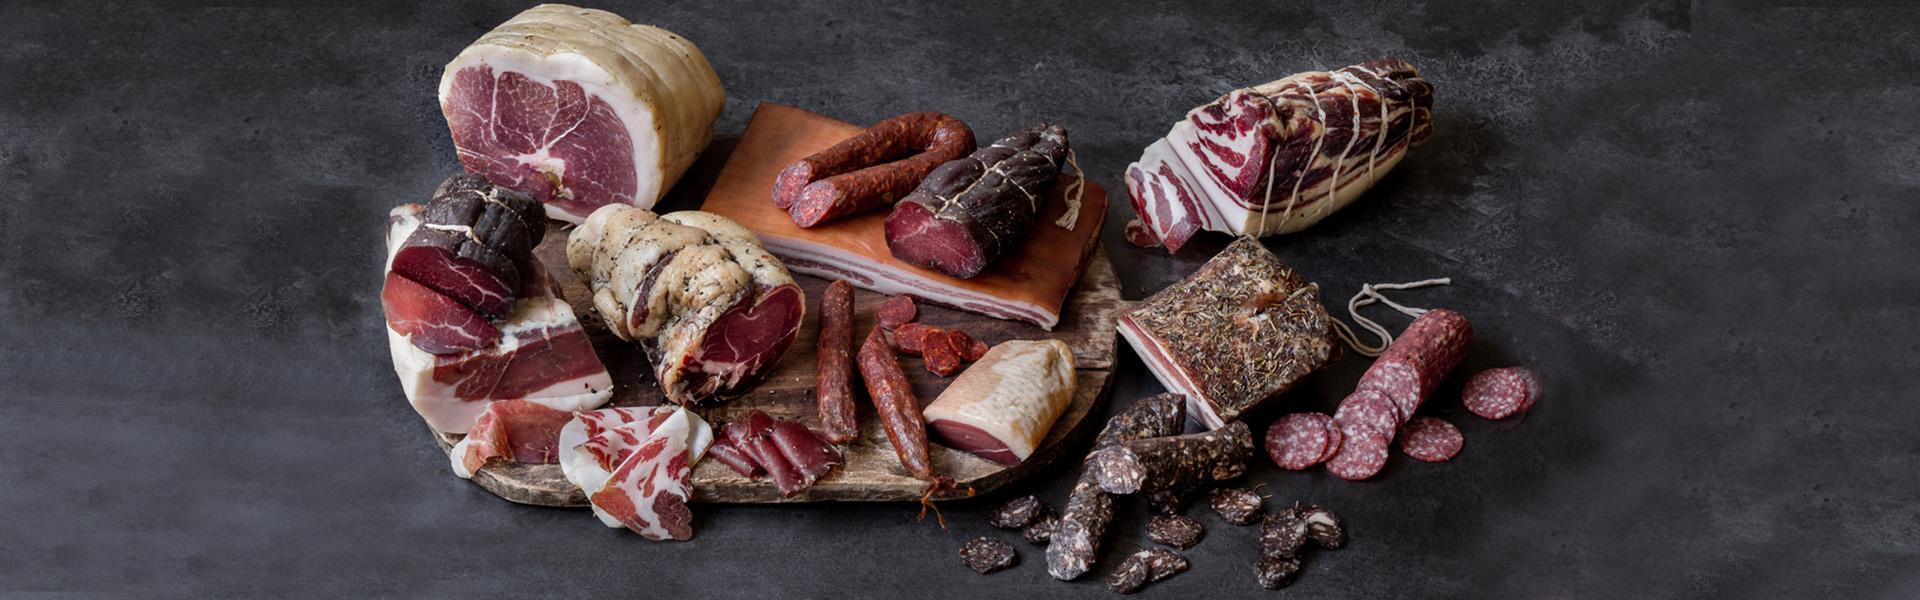 Charcuterie bestellen Vleeswaren bestellen droge worst ham jamon iberico Pate rillettes